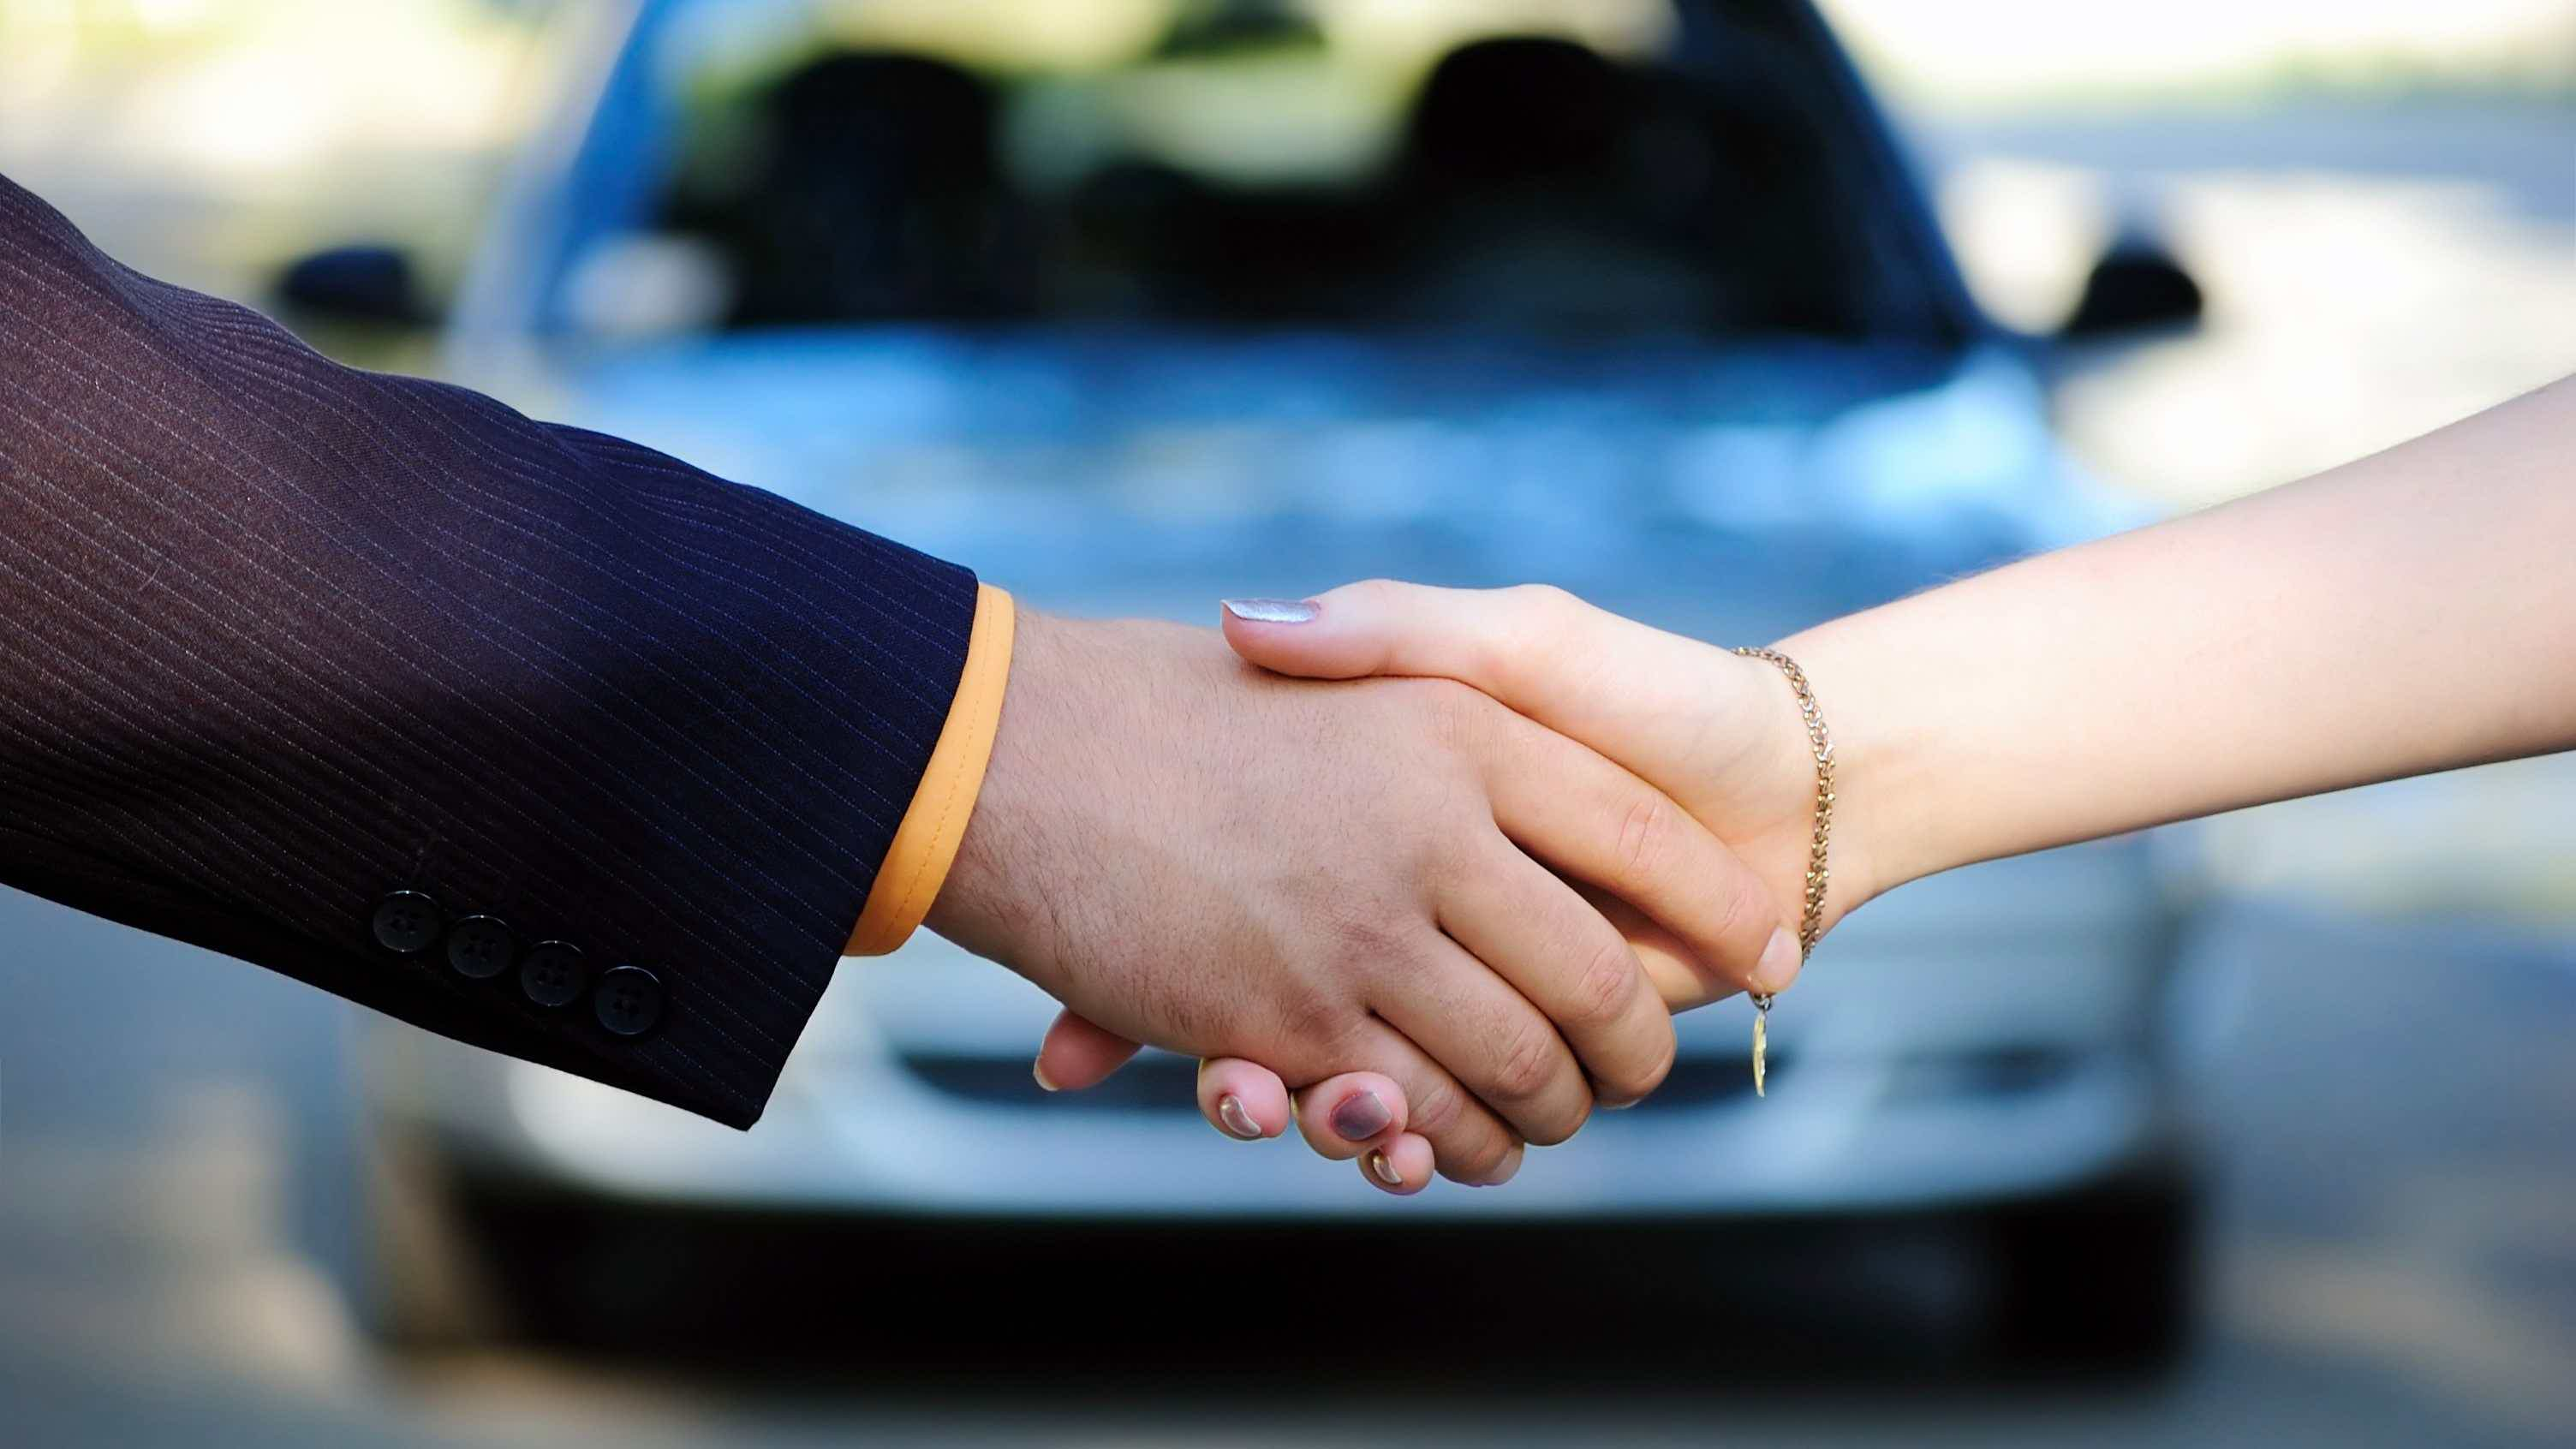 taxas de juros ao comprar veículo no cartão de crédito